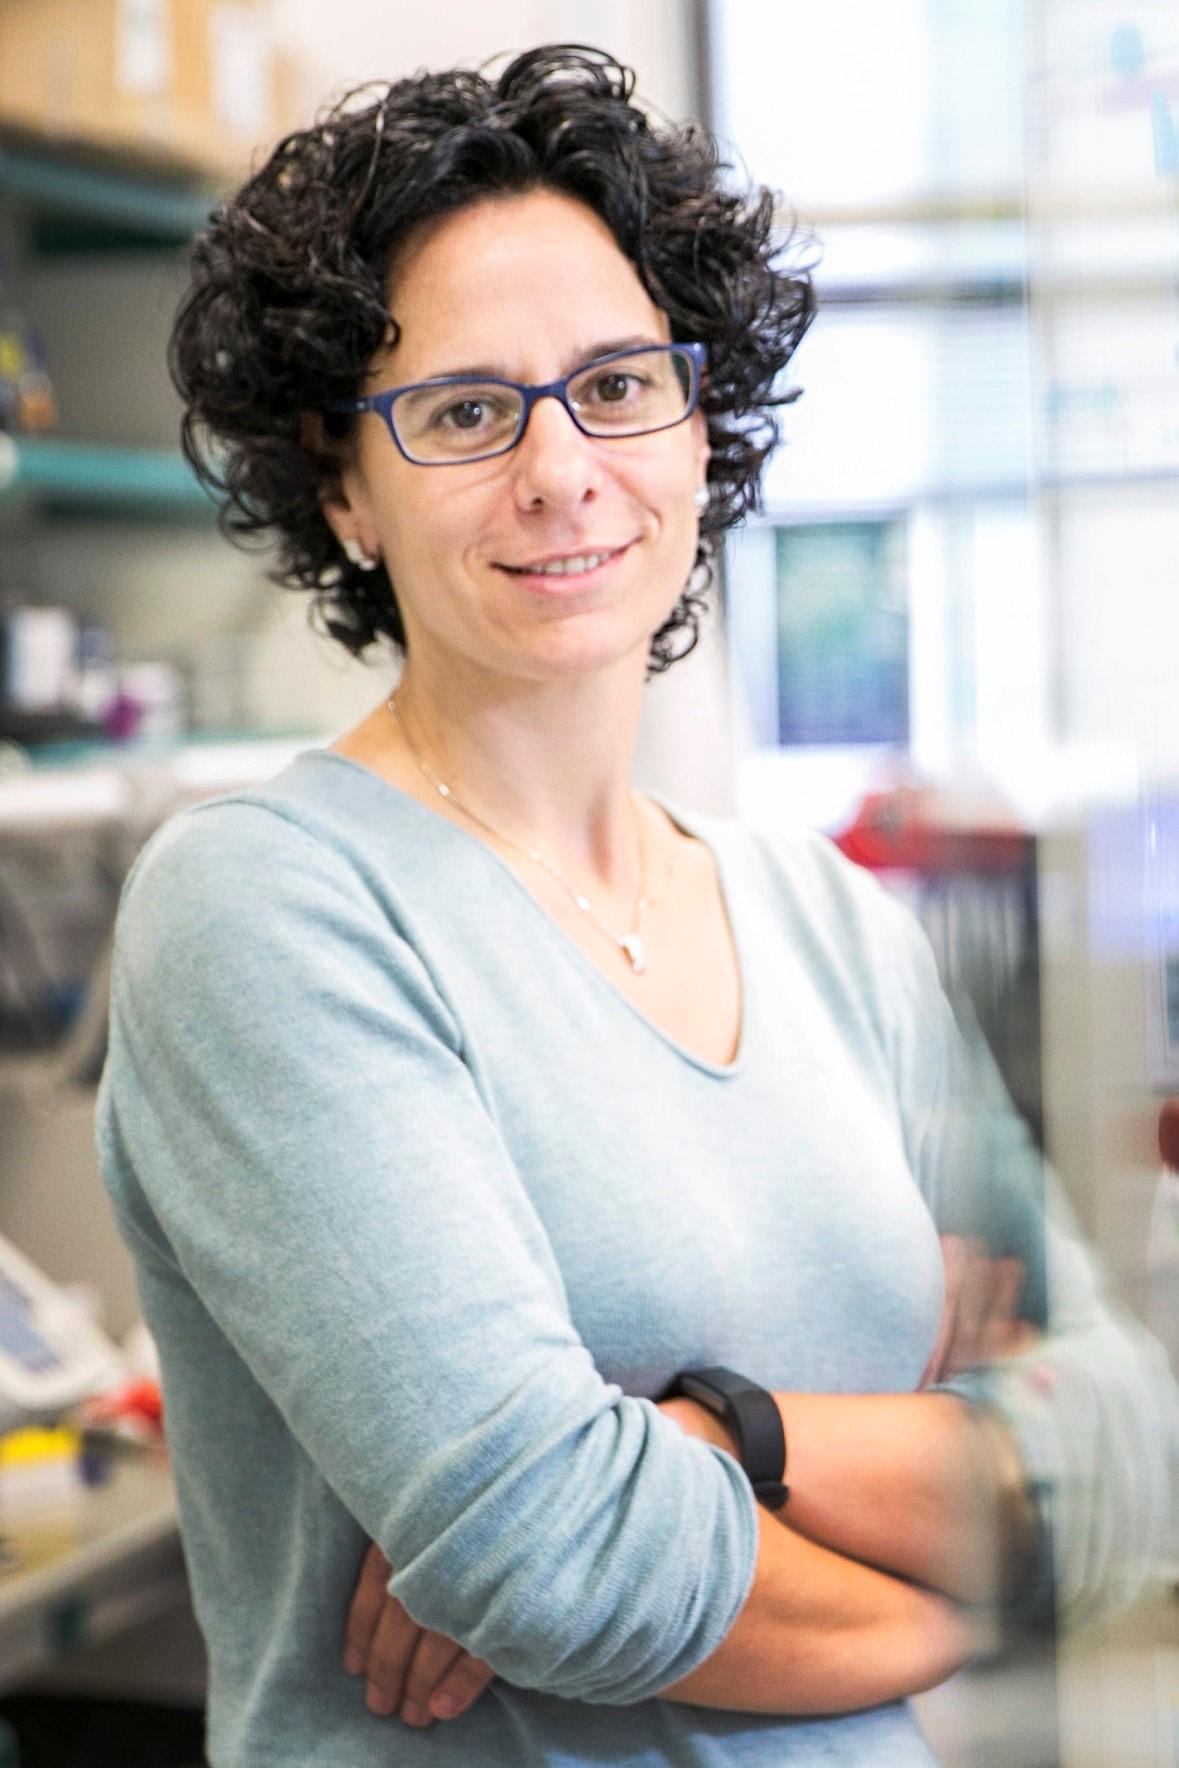 Núria López-Bigas galardonada con el IX Premio Nacional de Investigación en Cáncer  'Doctores Diz Pintado'